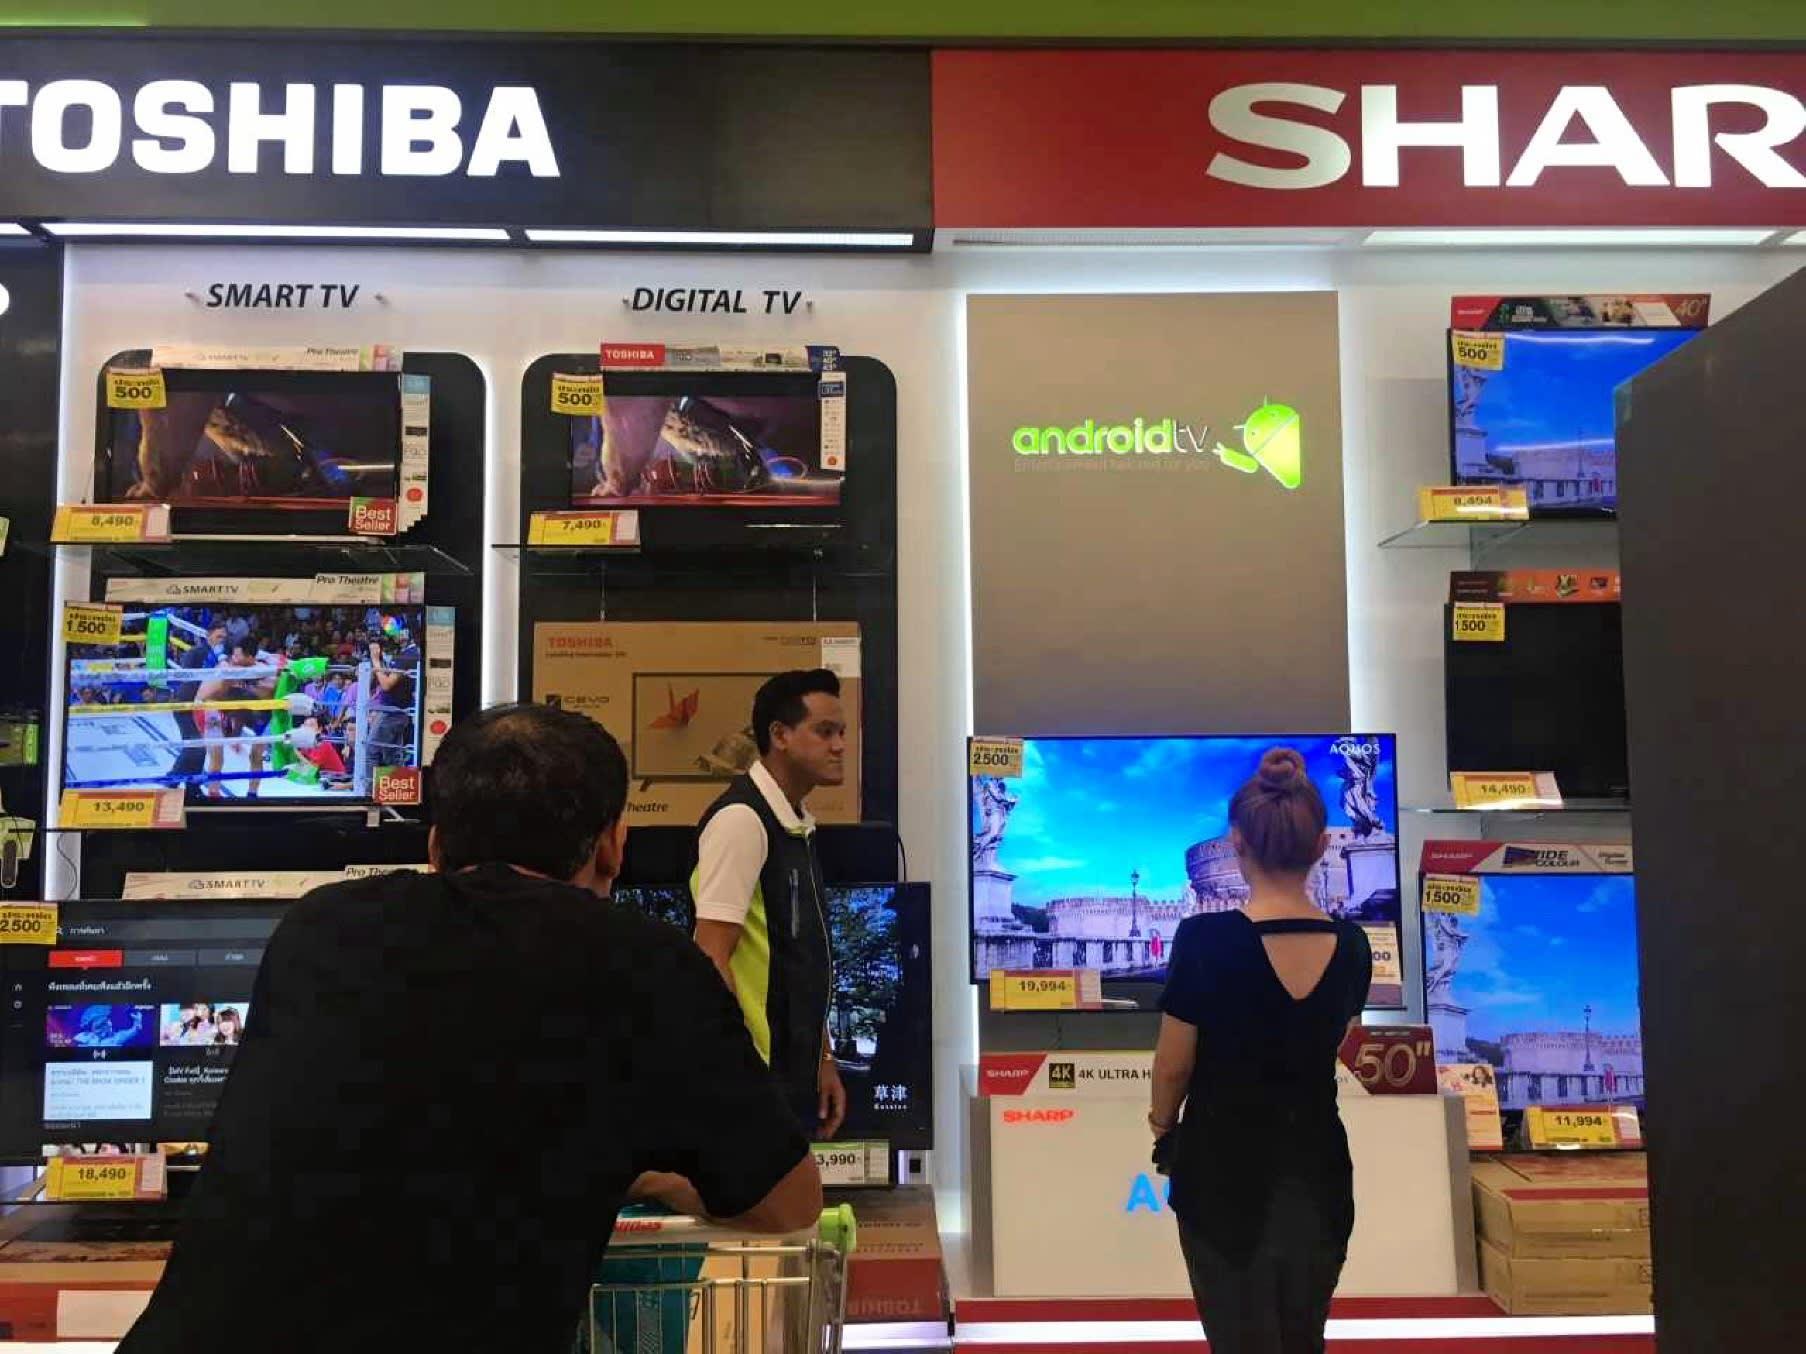 Les magasins de produits électroniques thaïlandais s'attendent à une ruée d'achats de téléviseurs quelques jours avant le 14 juin, date du début de la Coupe du Monde en Russie